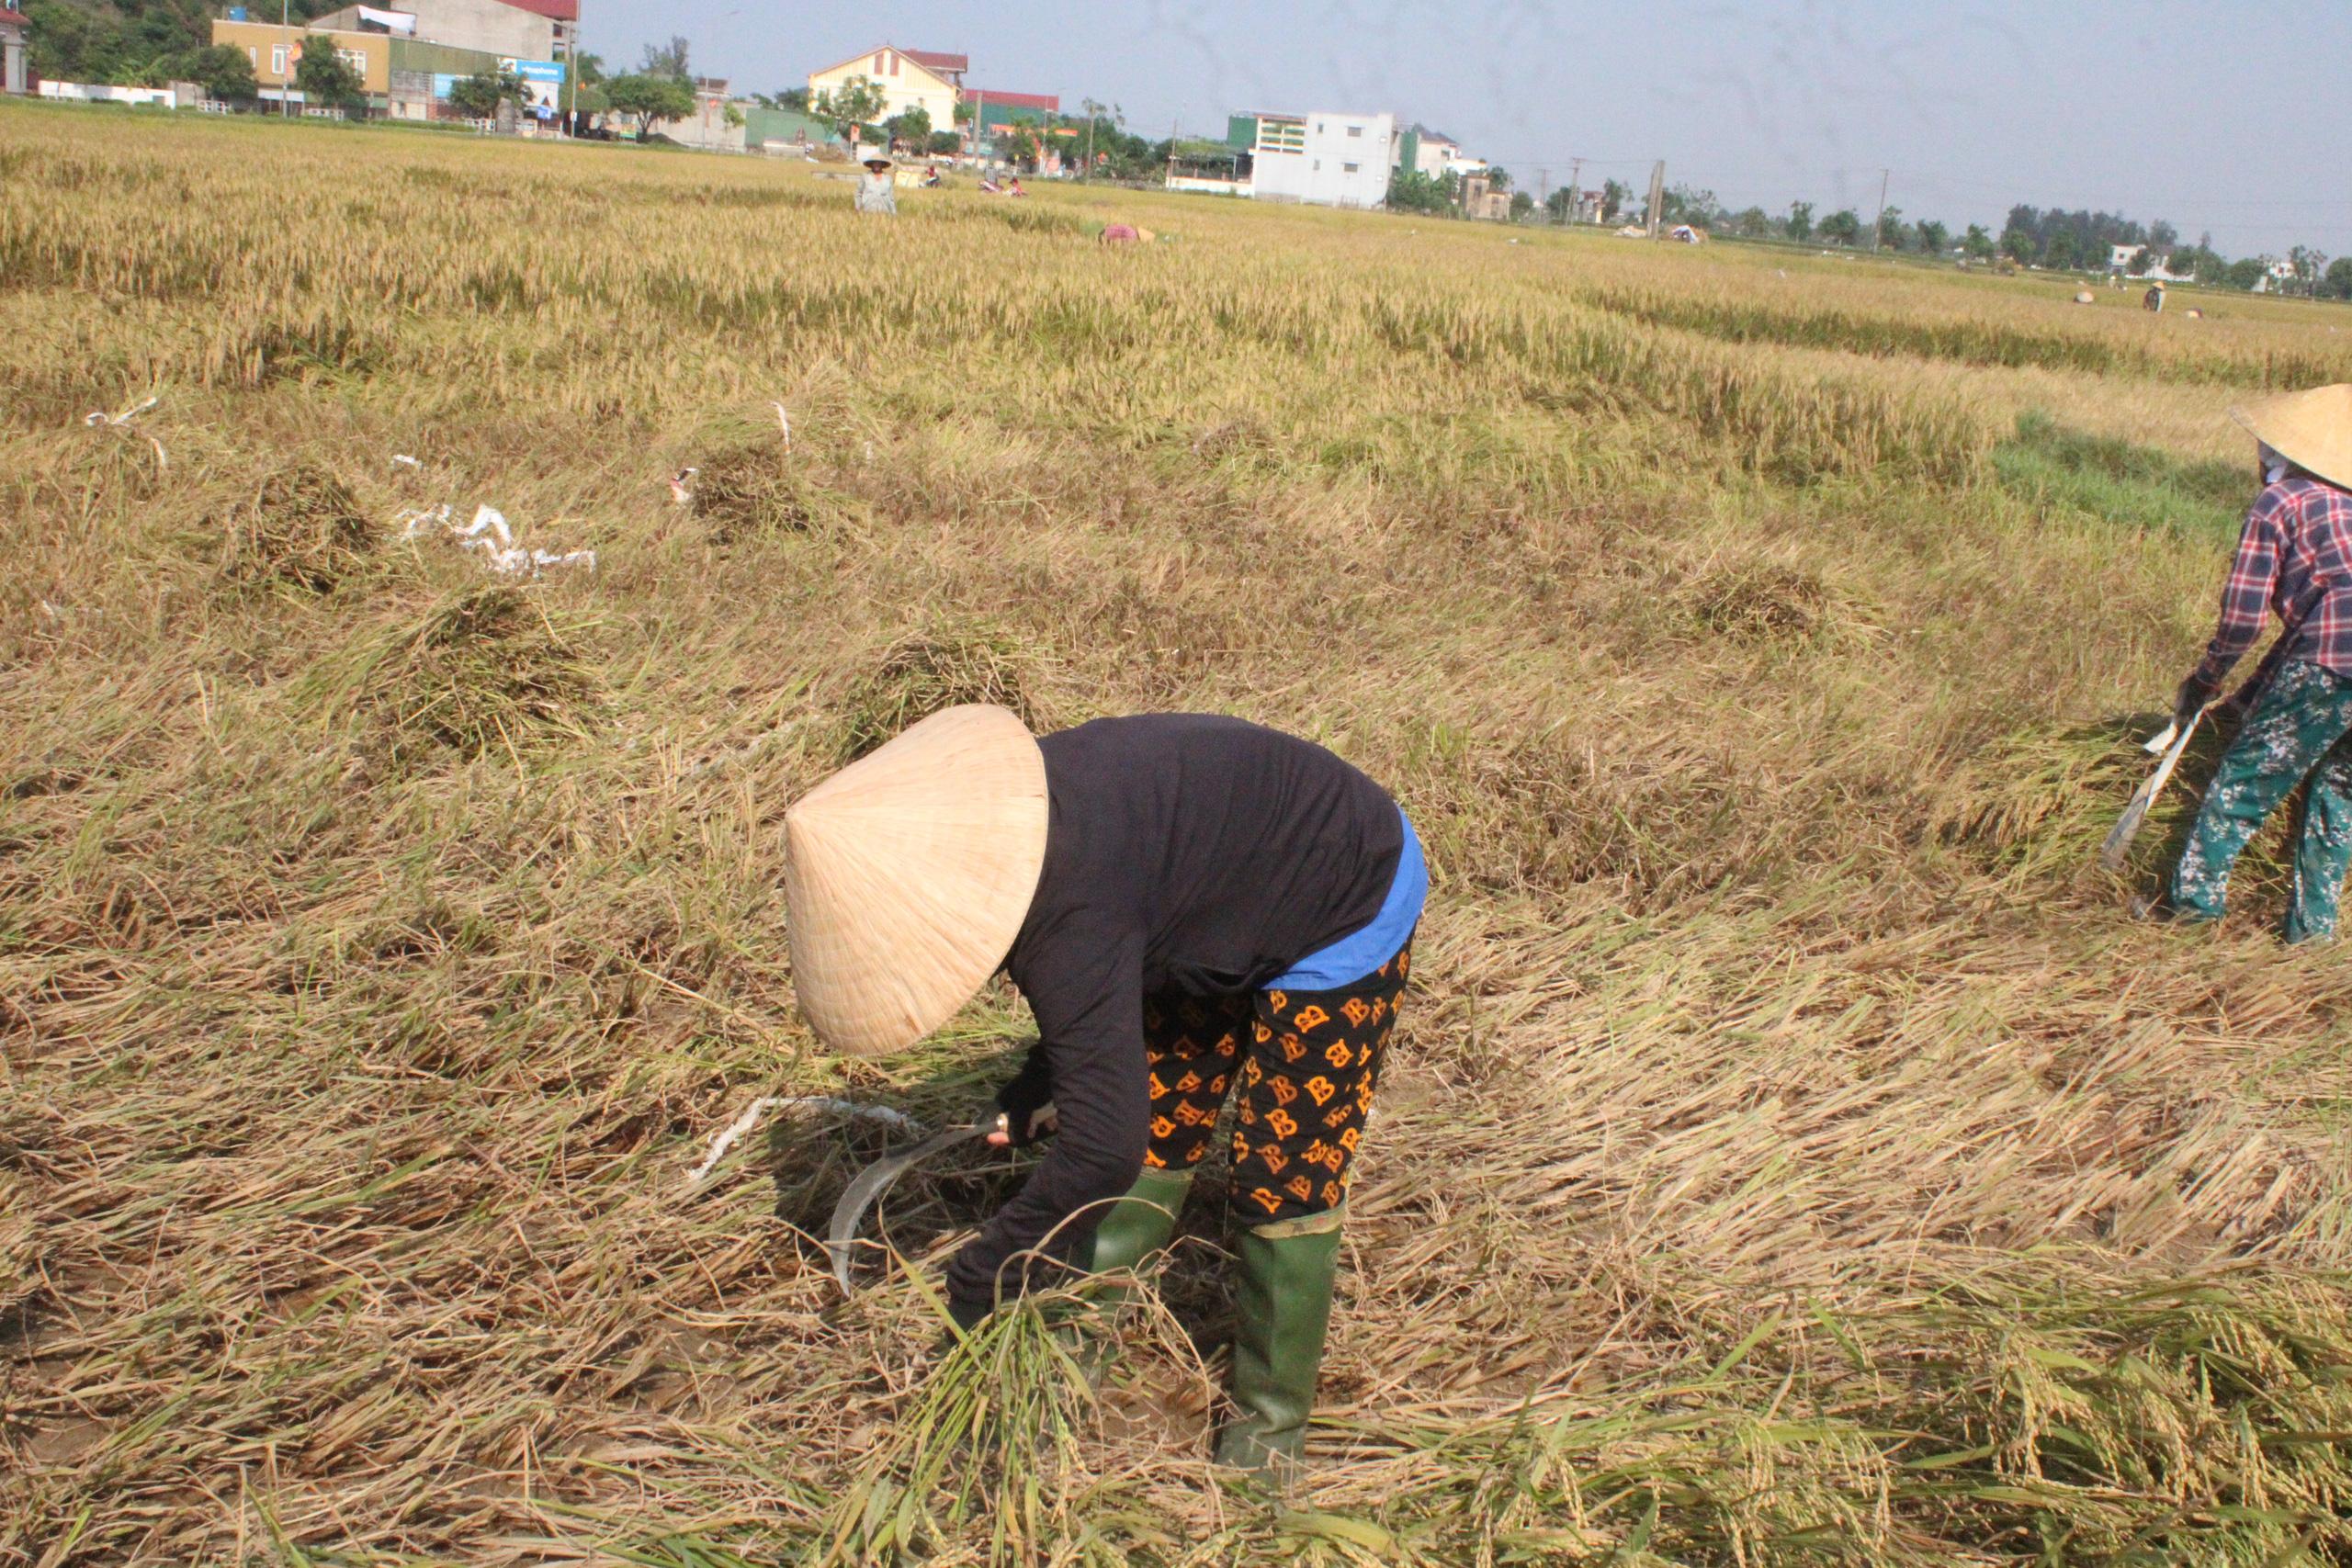 Hà Tĩnh: Lúa chín rộ, nông dân đỏ mắt tìm máy gặt - Ảnh 5.